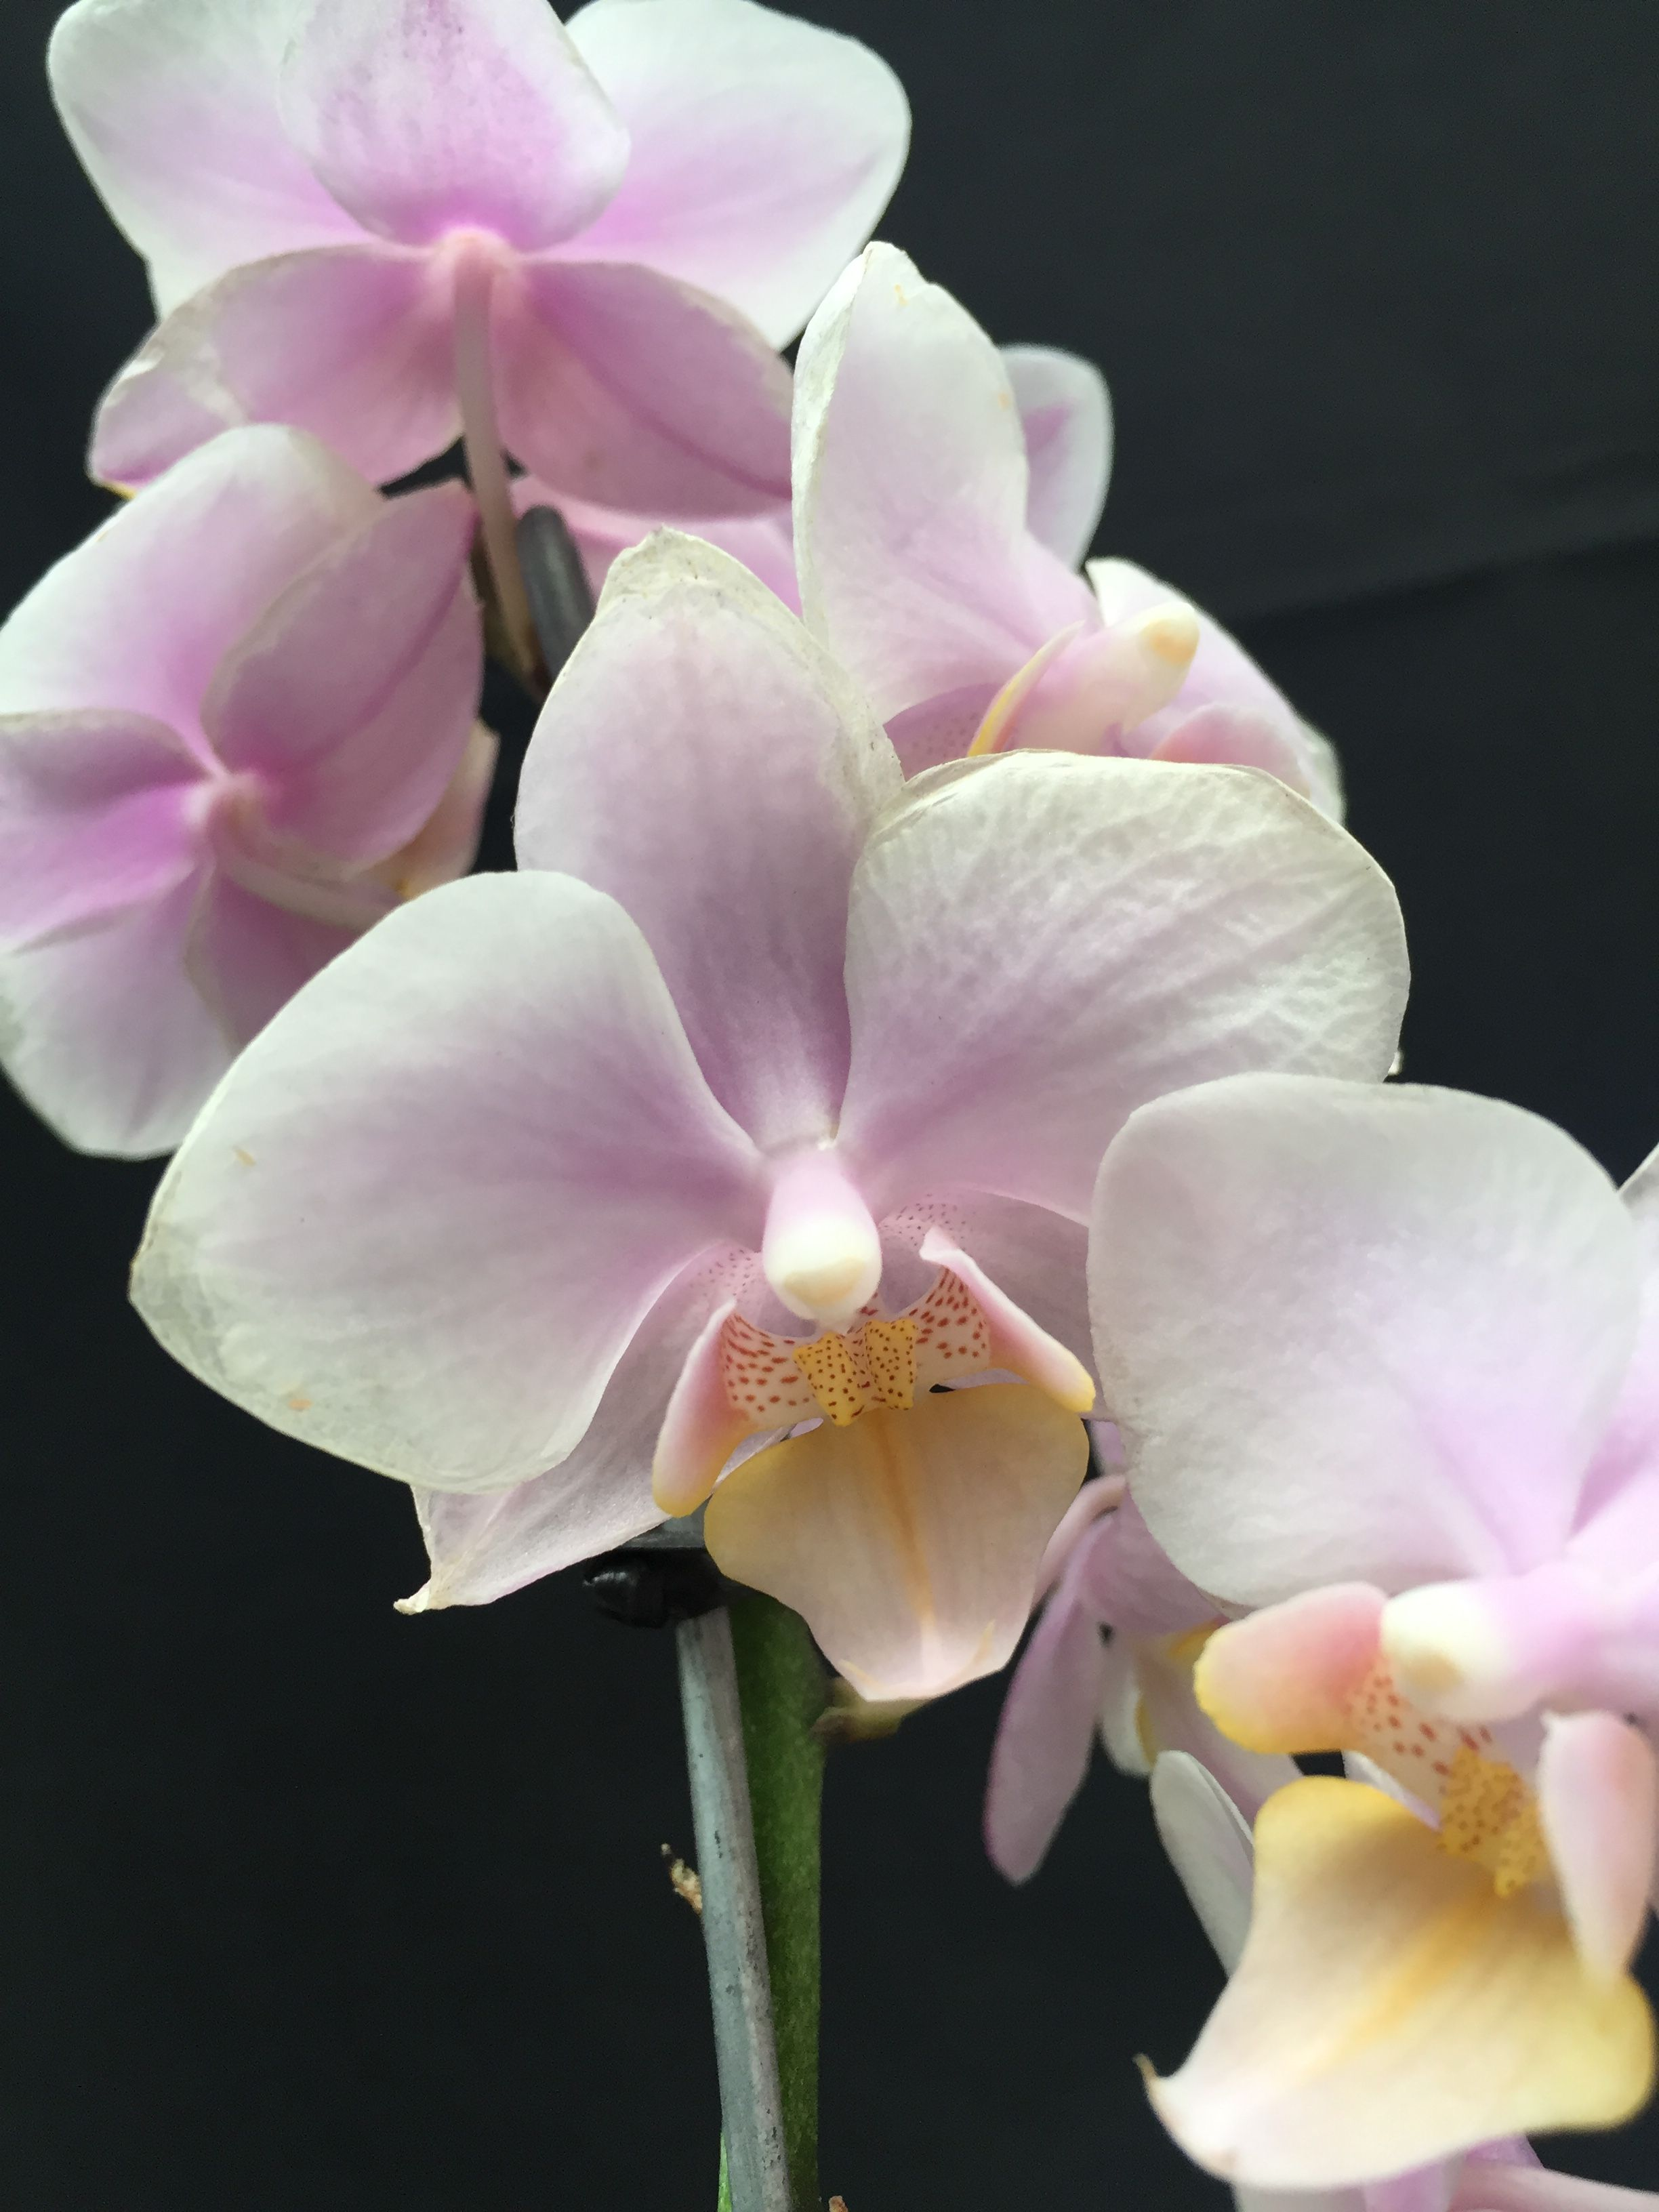 Orquidea Phalaenopsis Mini Soft Amagla Flowers Orchids Plants